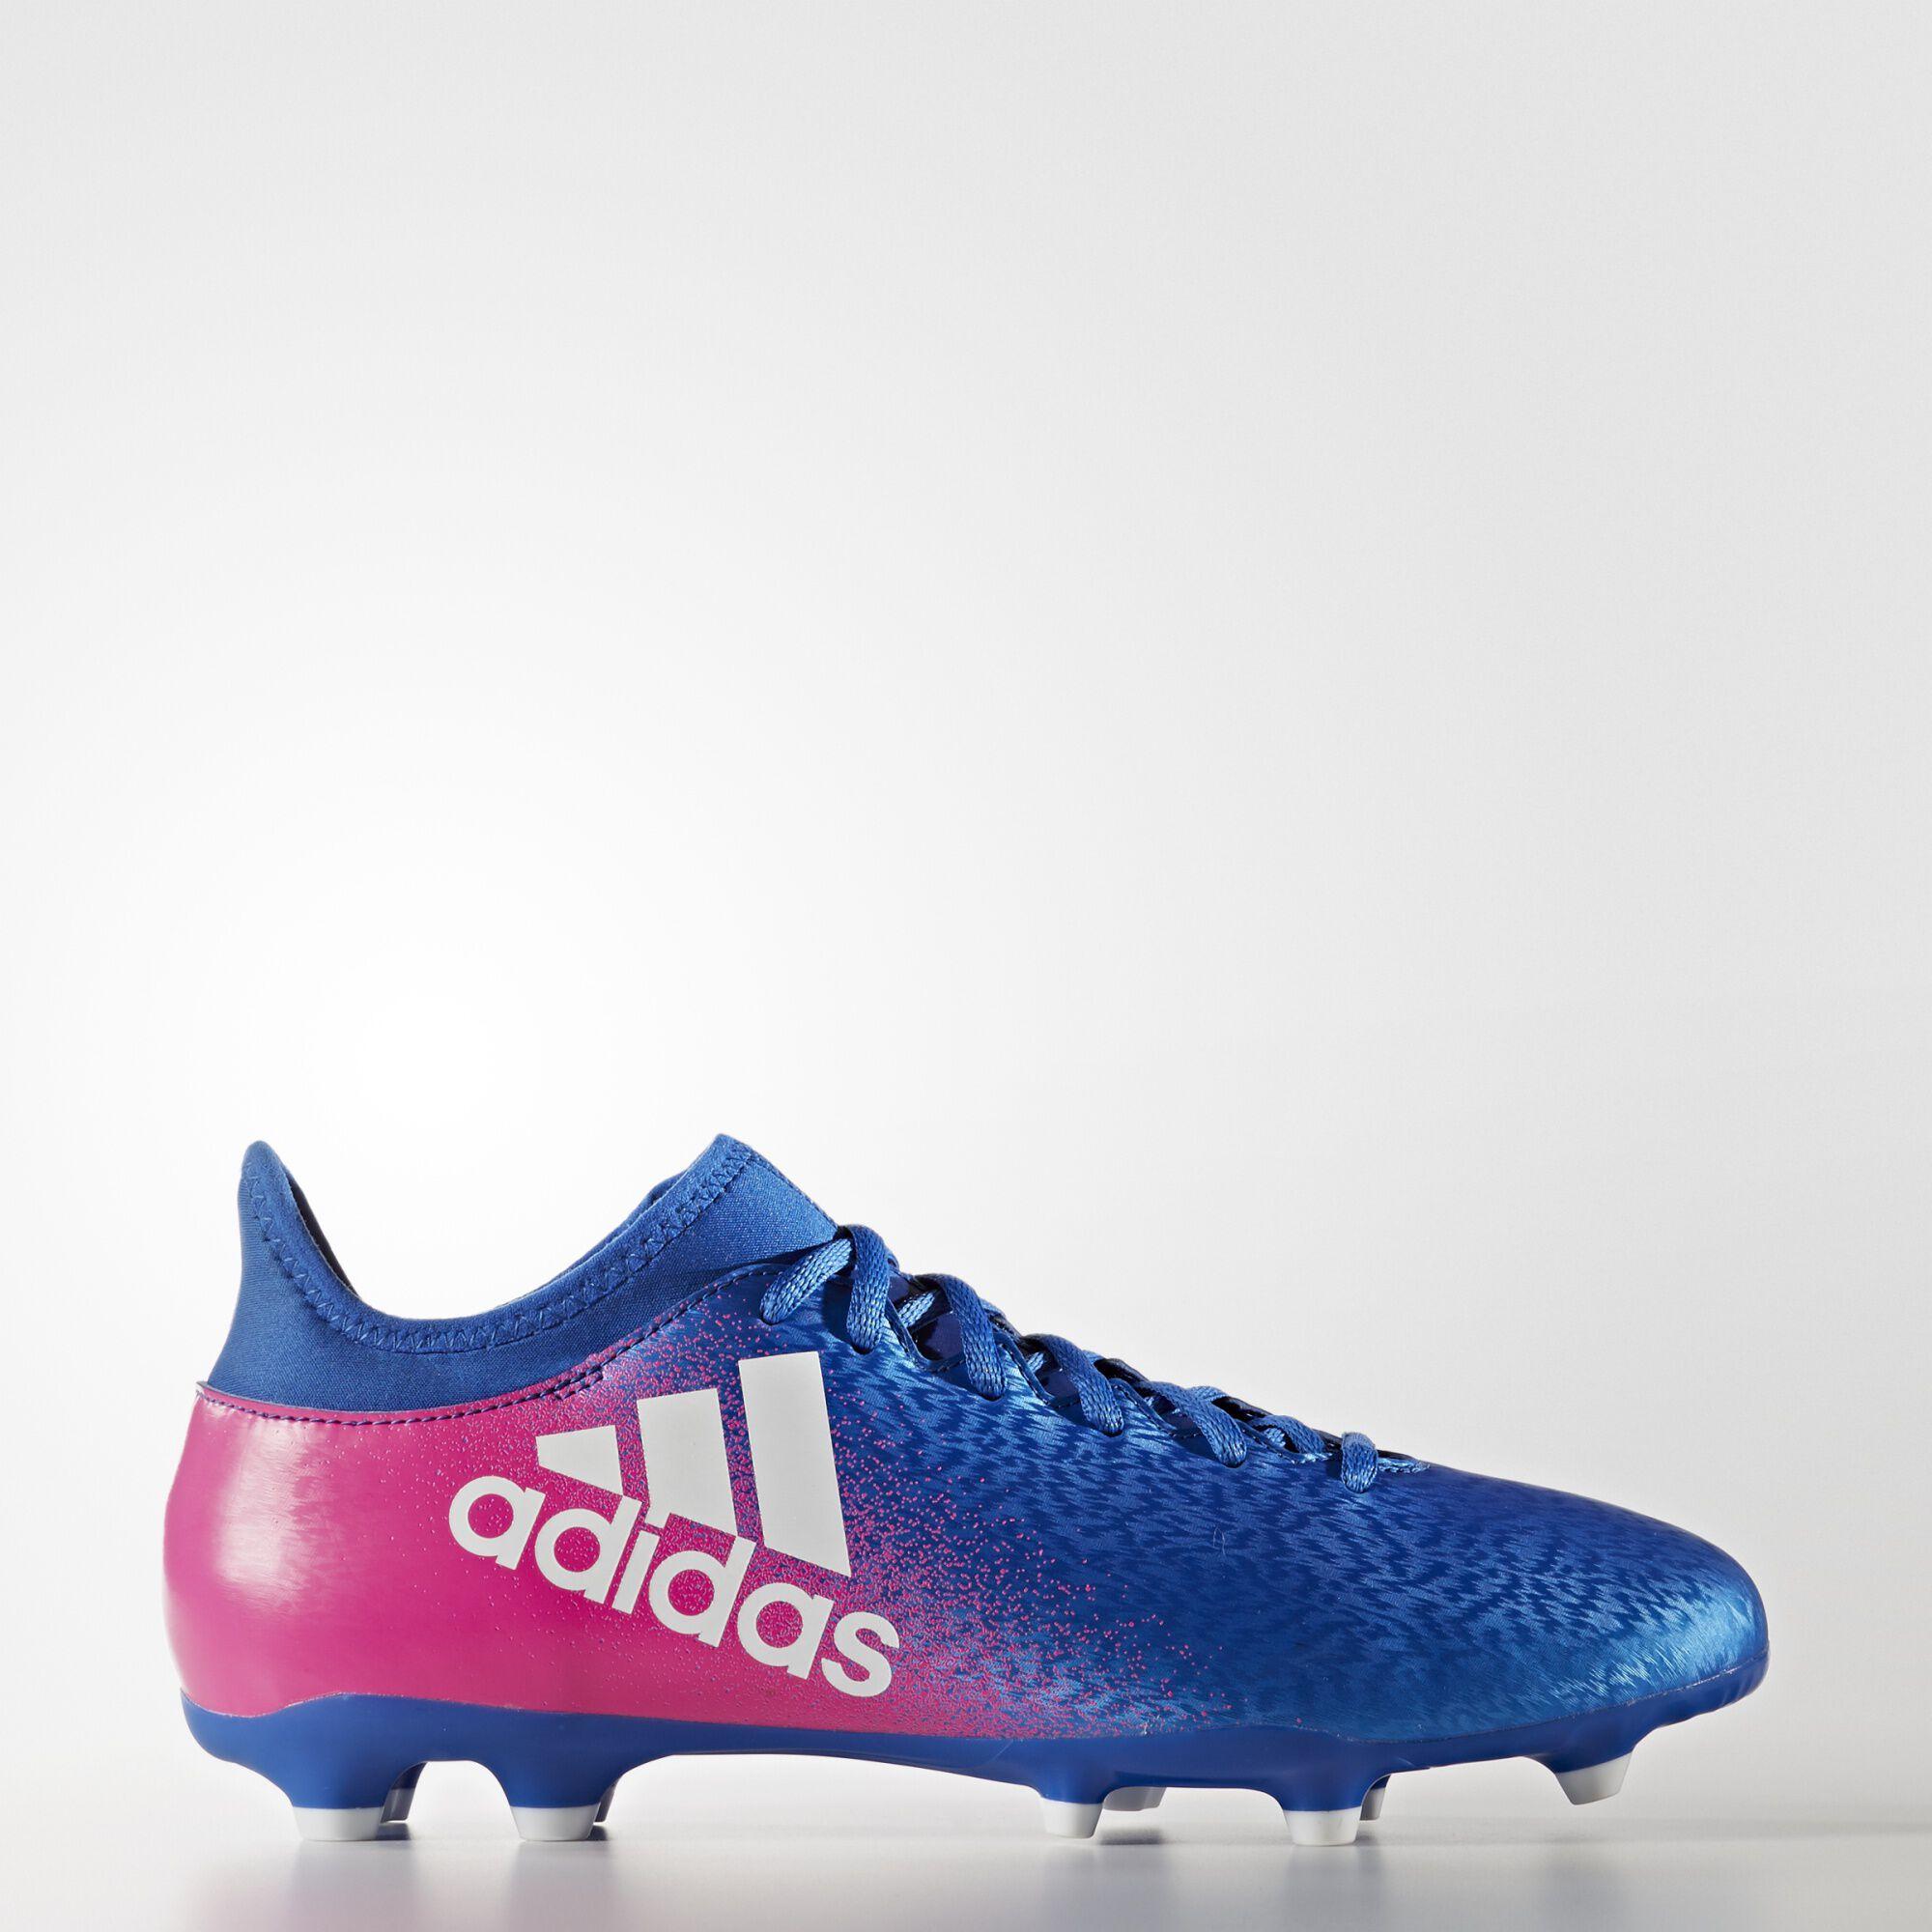 adidas id soccer